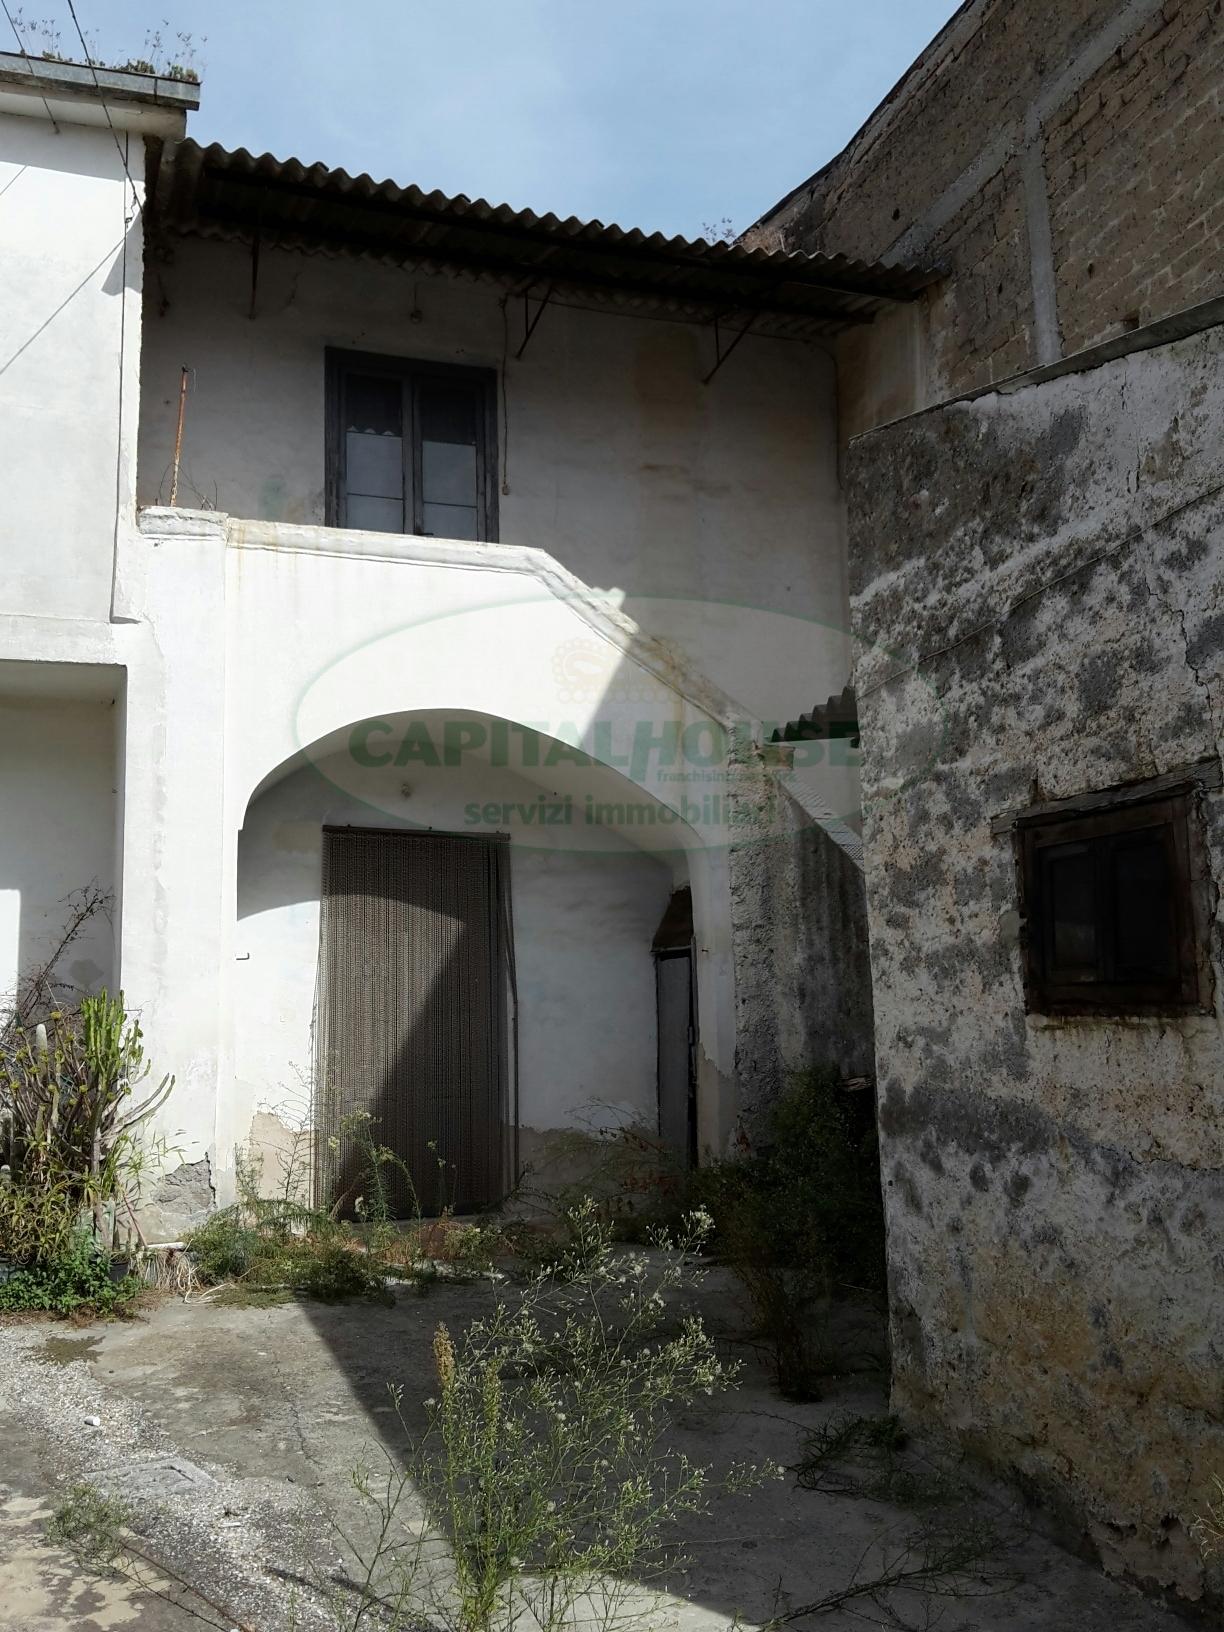 Appartamento in vendita a Macerata Campania, 1 locali, zona Zona: Caturano, prezzo € 23.000 | CambioCasa.it